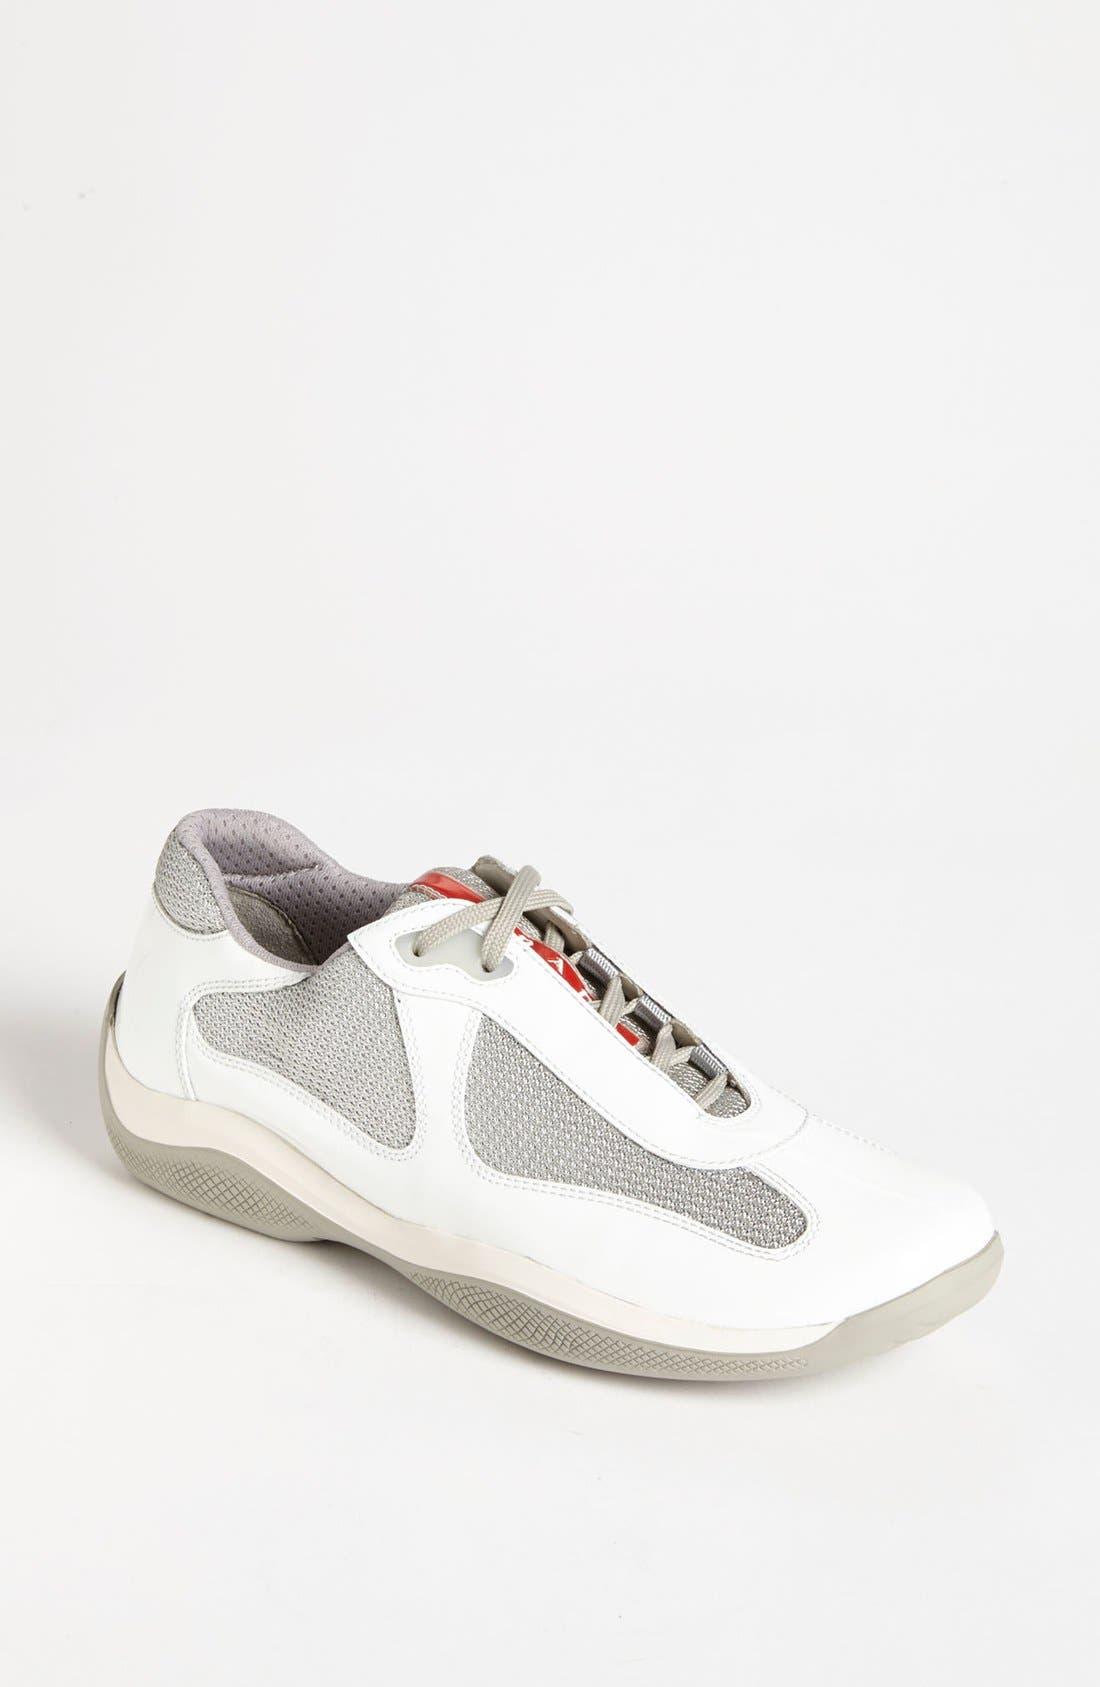 Main Image - Prada Patent Leather & Mesh Sneaker